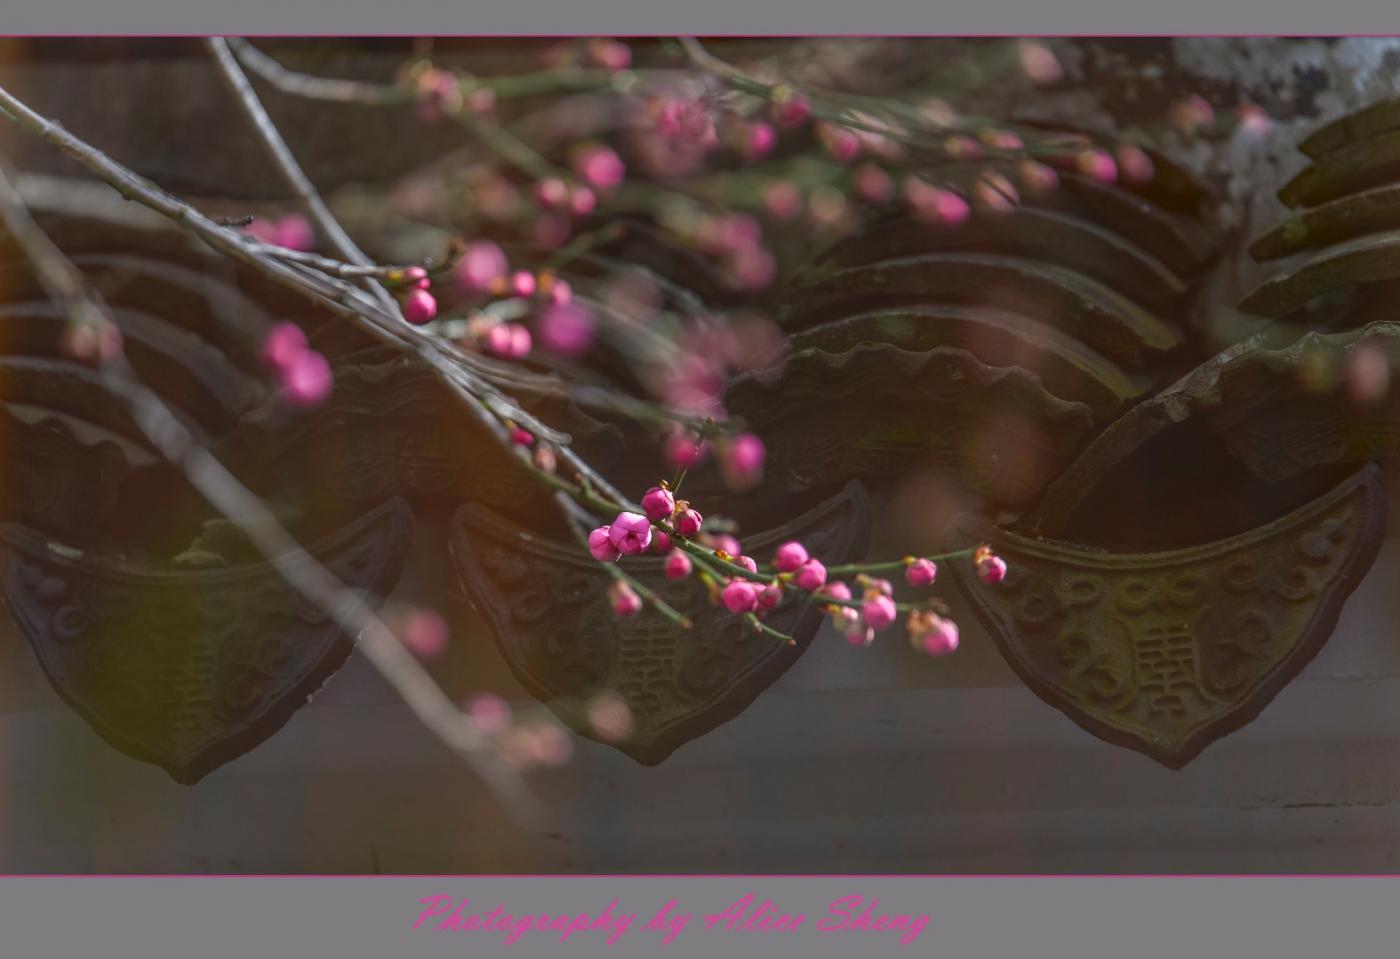 迎春花以盛开,春天快来临了_图1-2